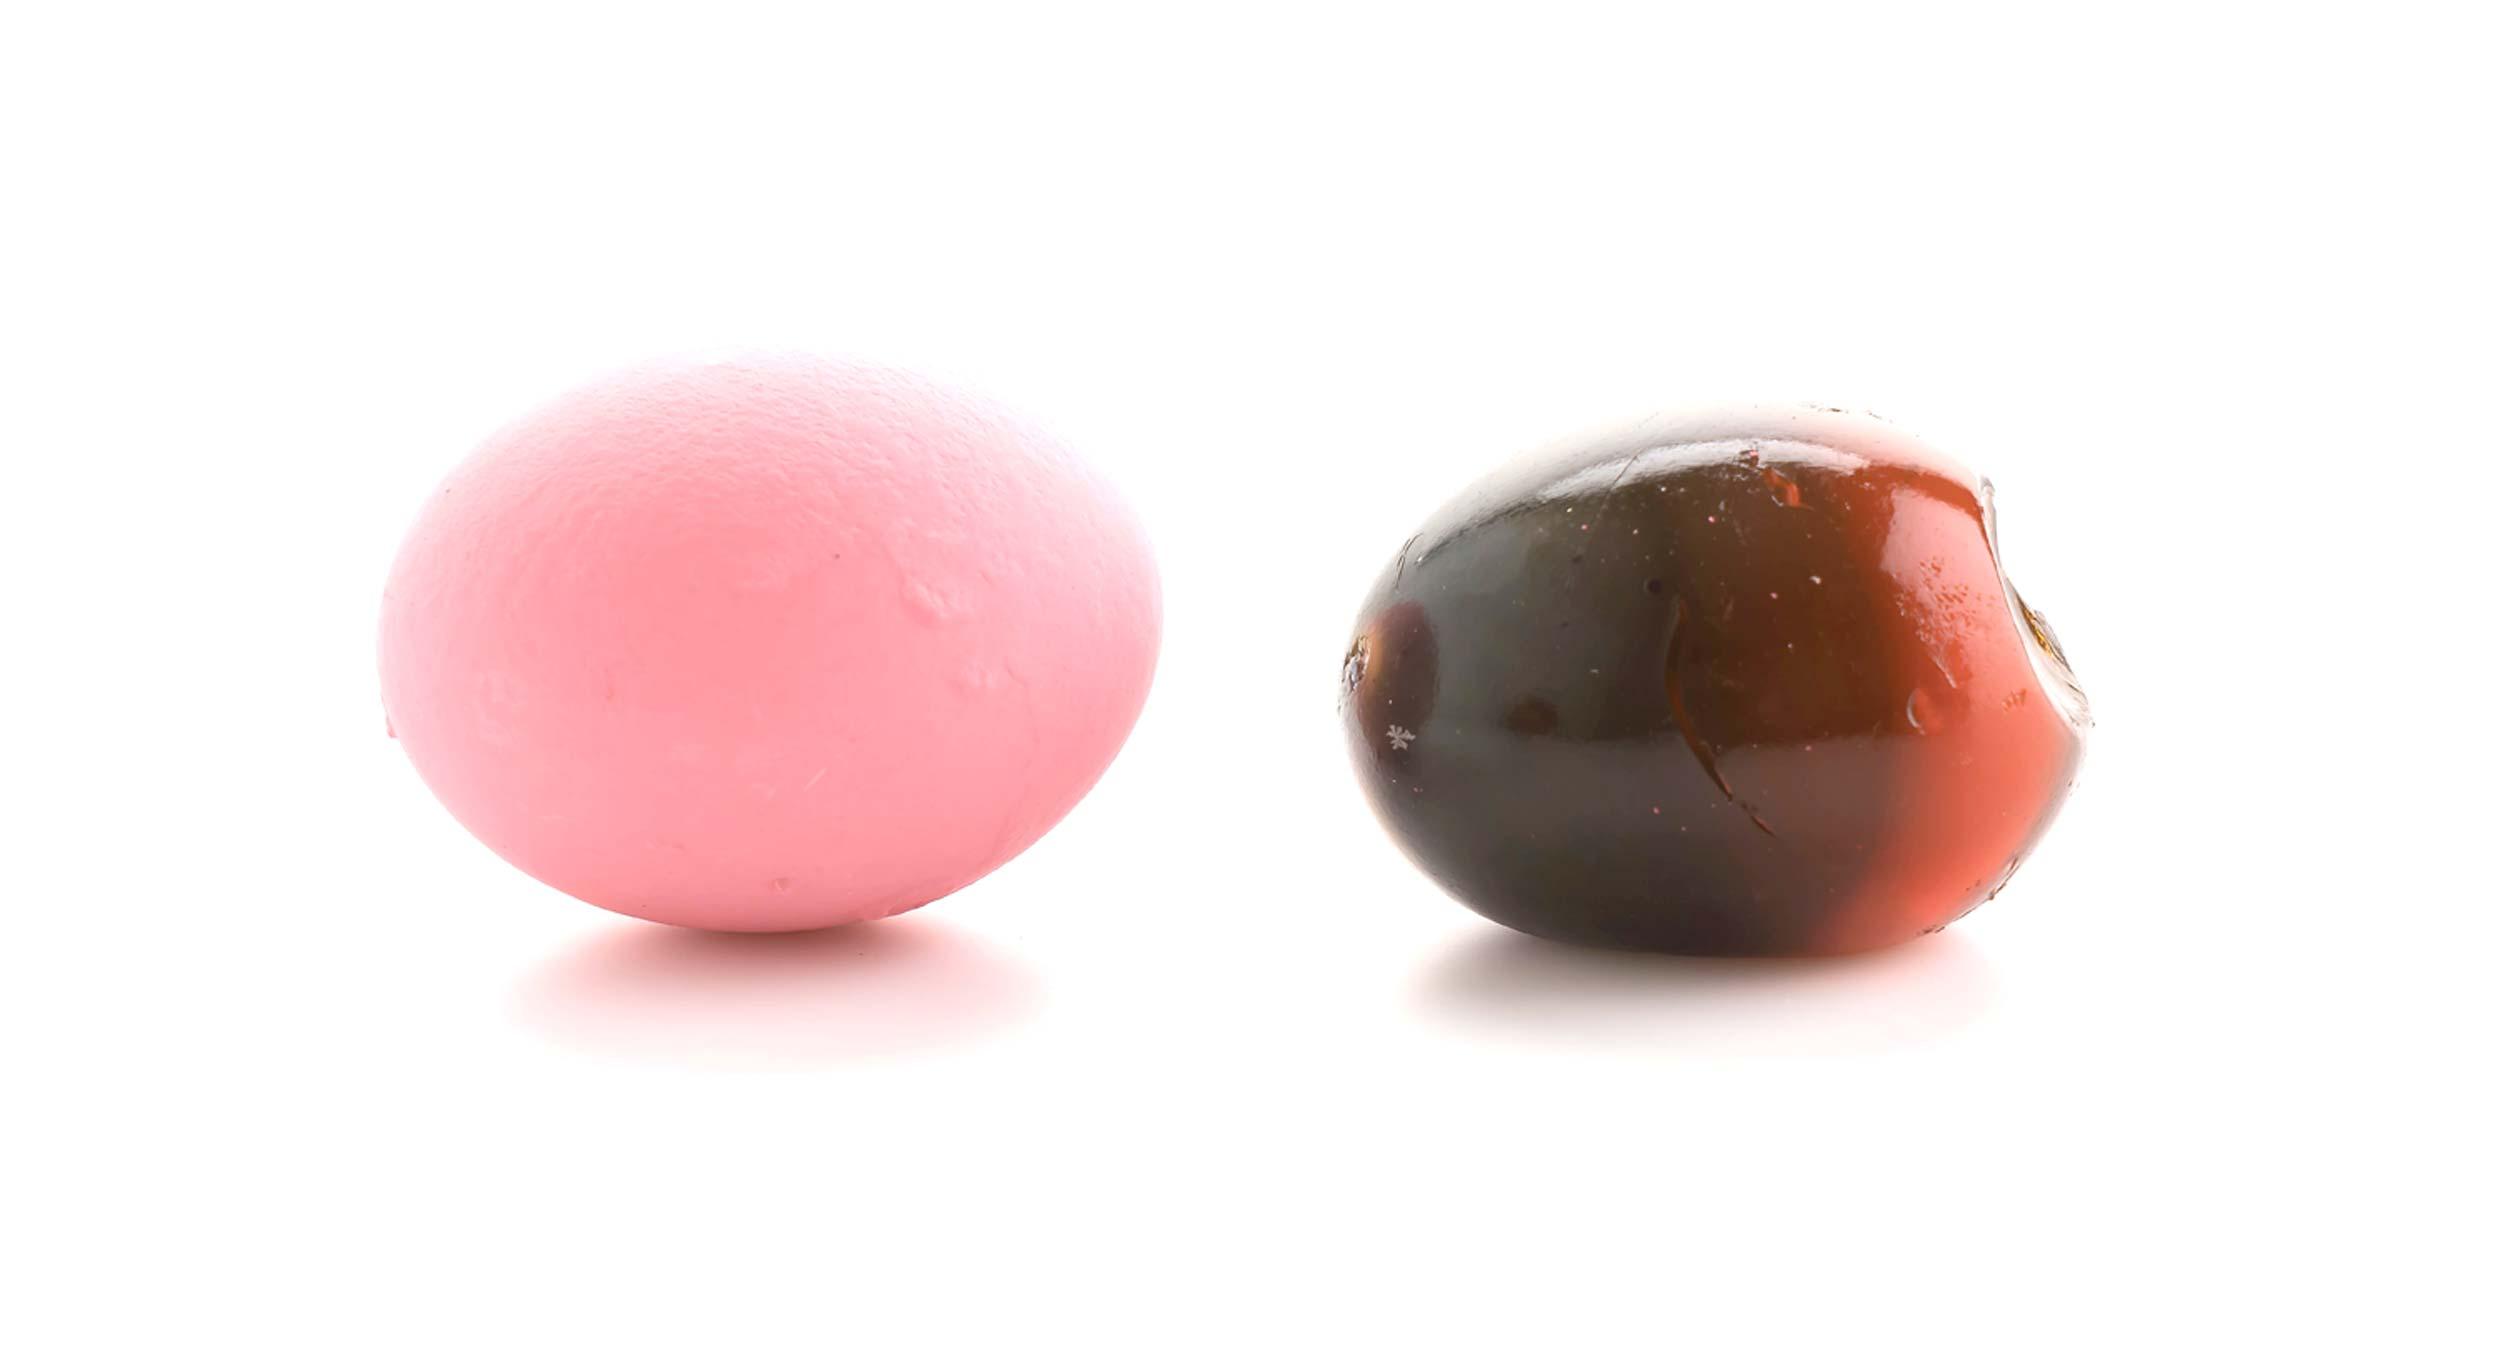 鮮やかなピンクの卵の正体は? - ワイズデジタル【タイで生活する人のための情報サイト】